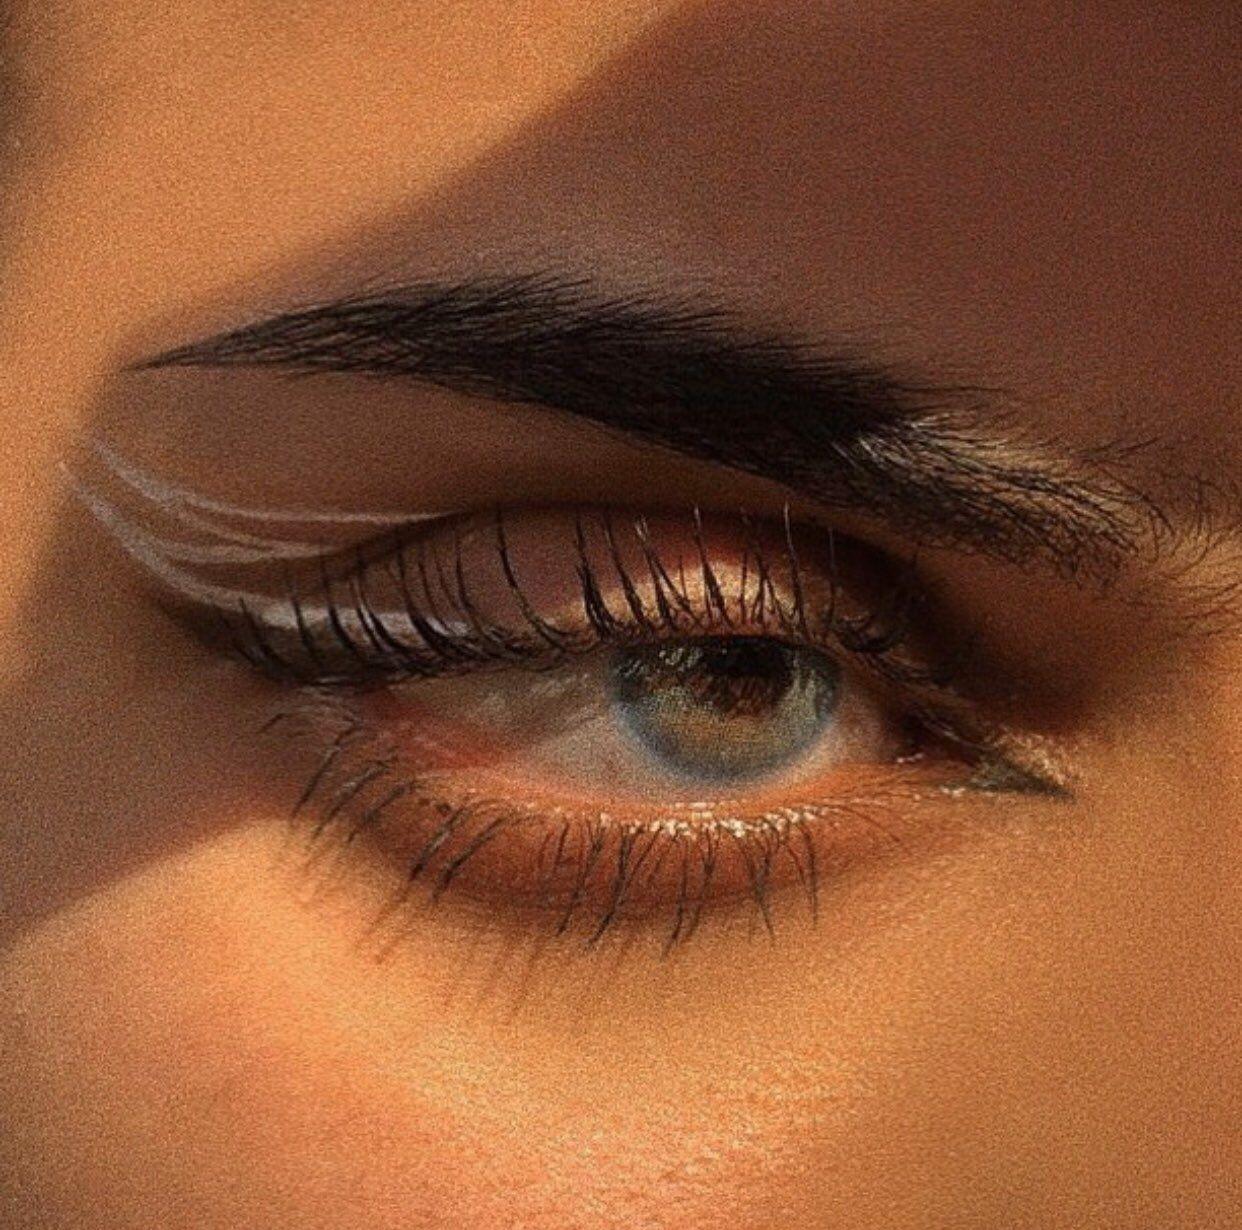 Beauty Eyes Wallpaper 128092 On Twitter In 2020 Makeup